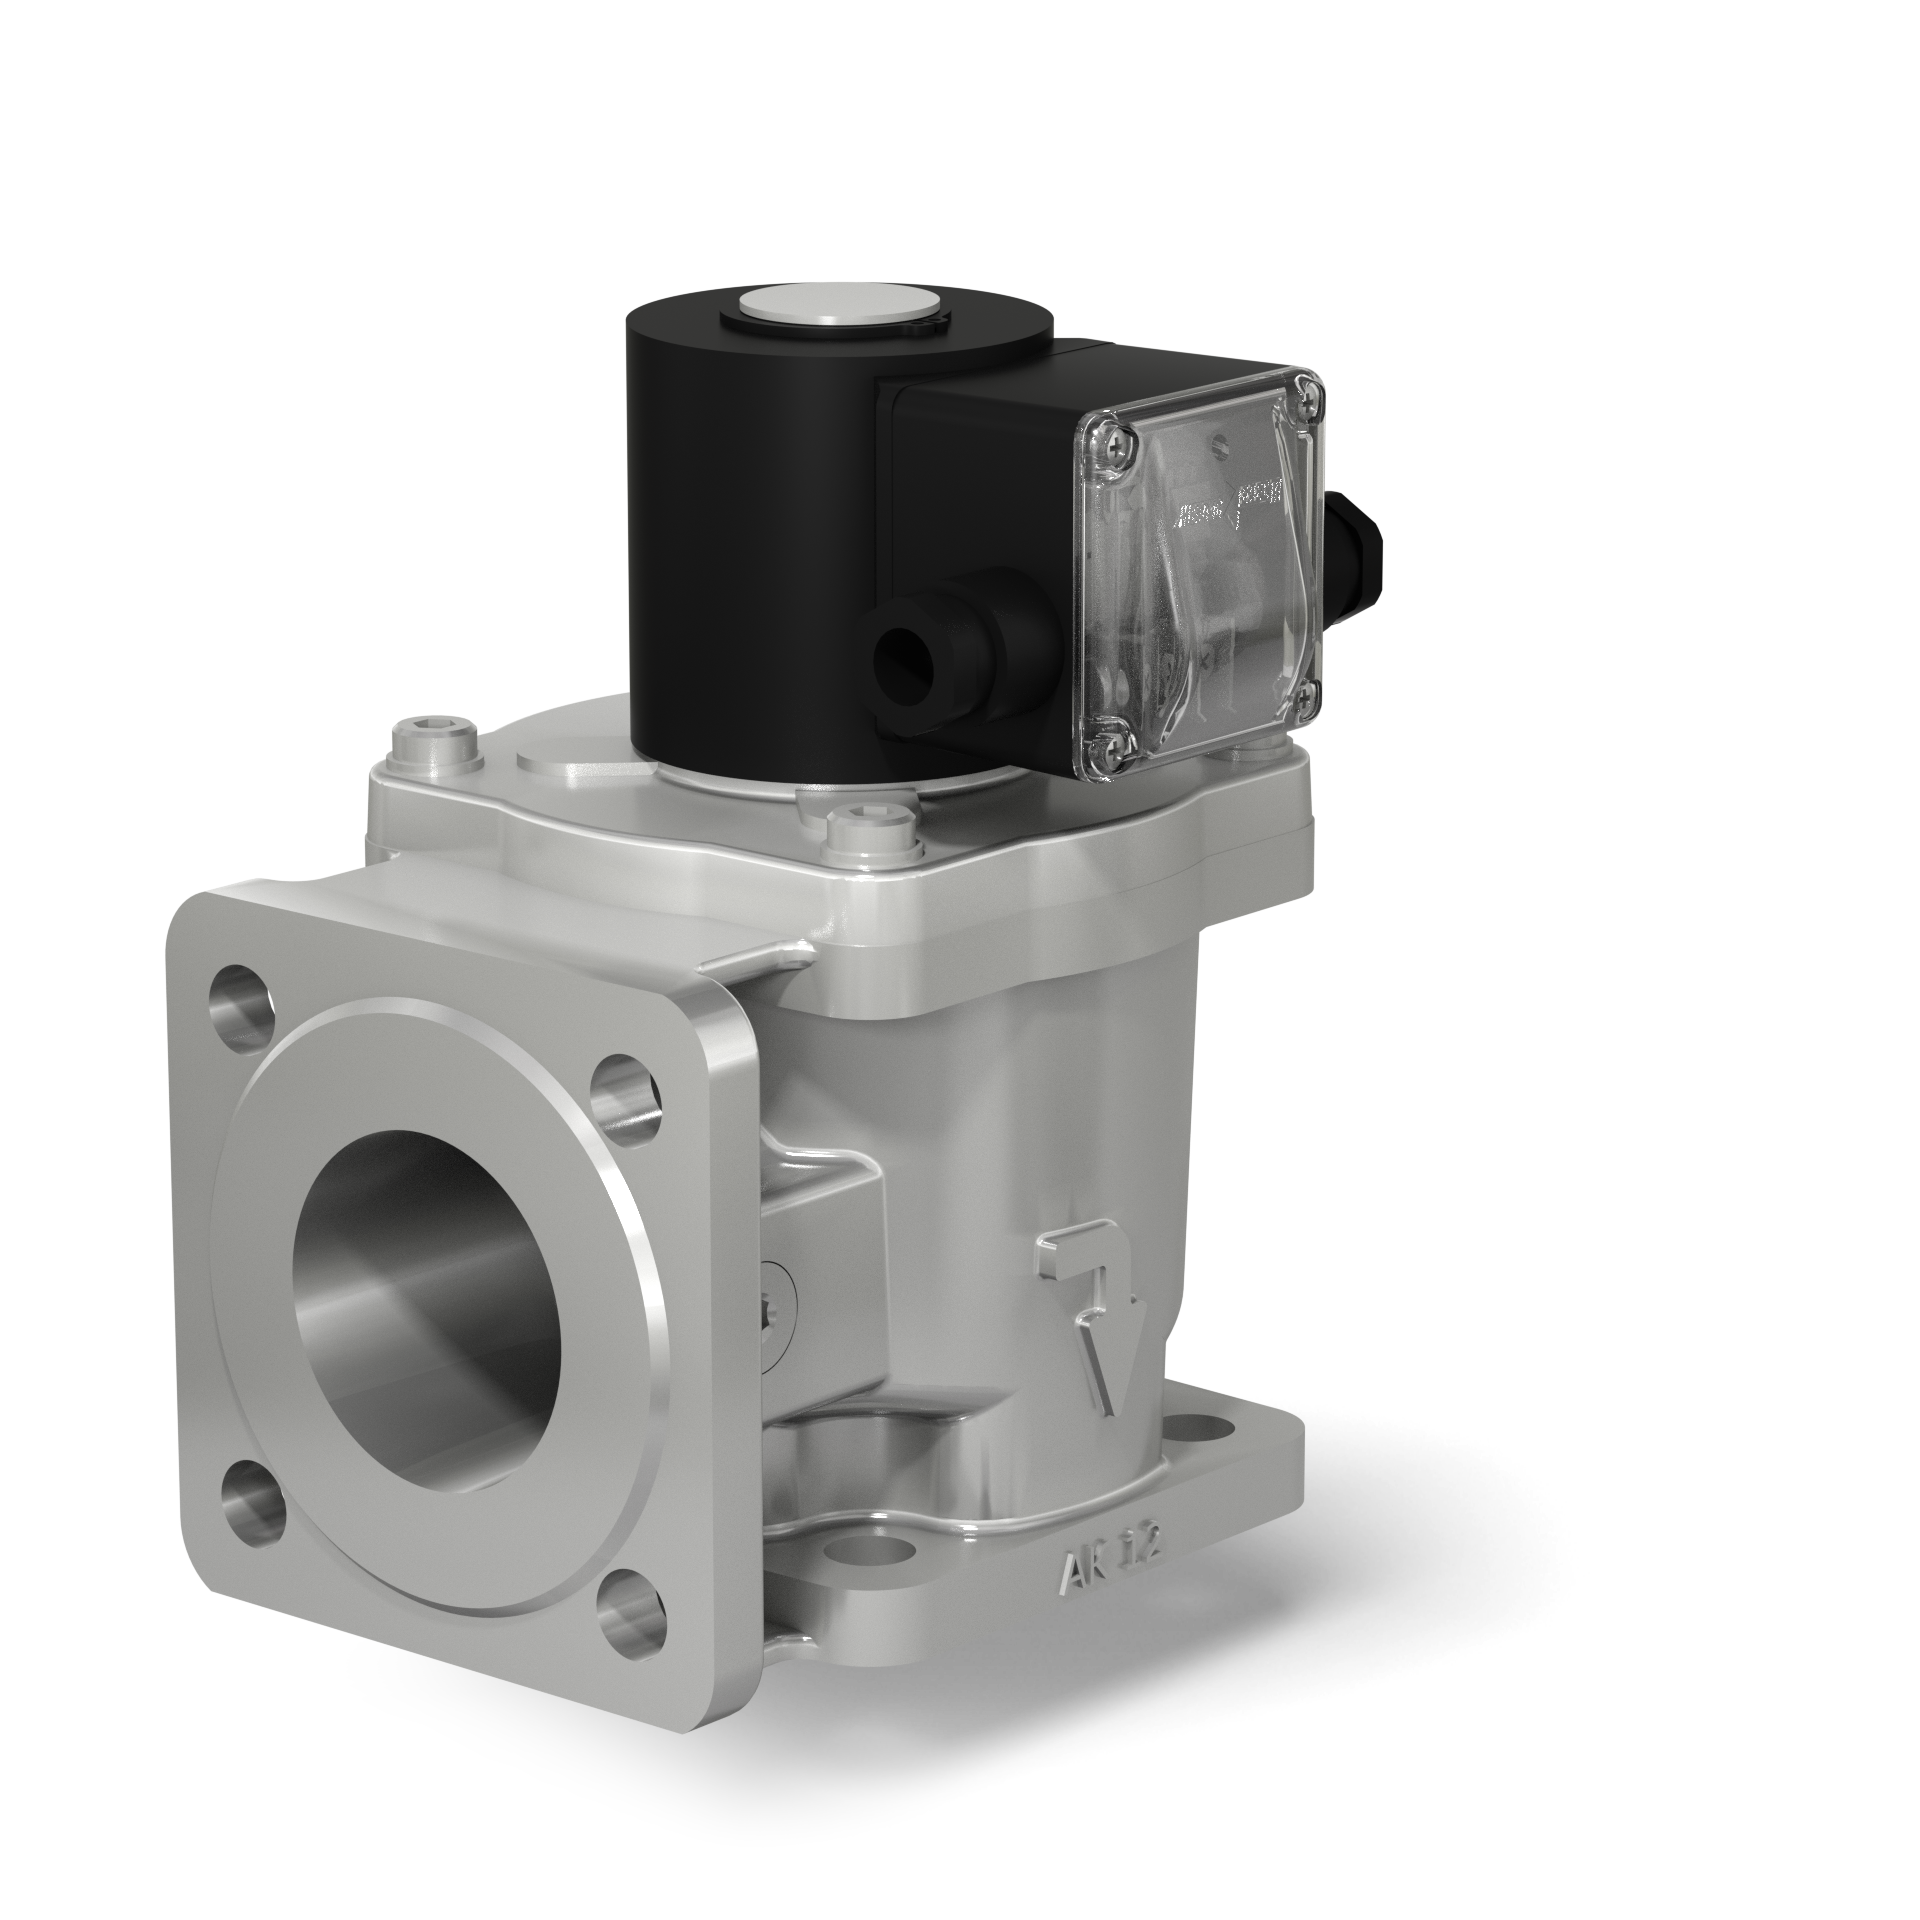 Клапаны электромагнитные двухпозиционные фланцевые угловые на DN 40 - 100